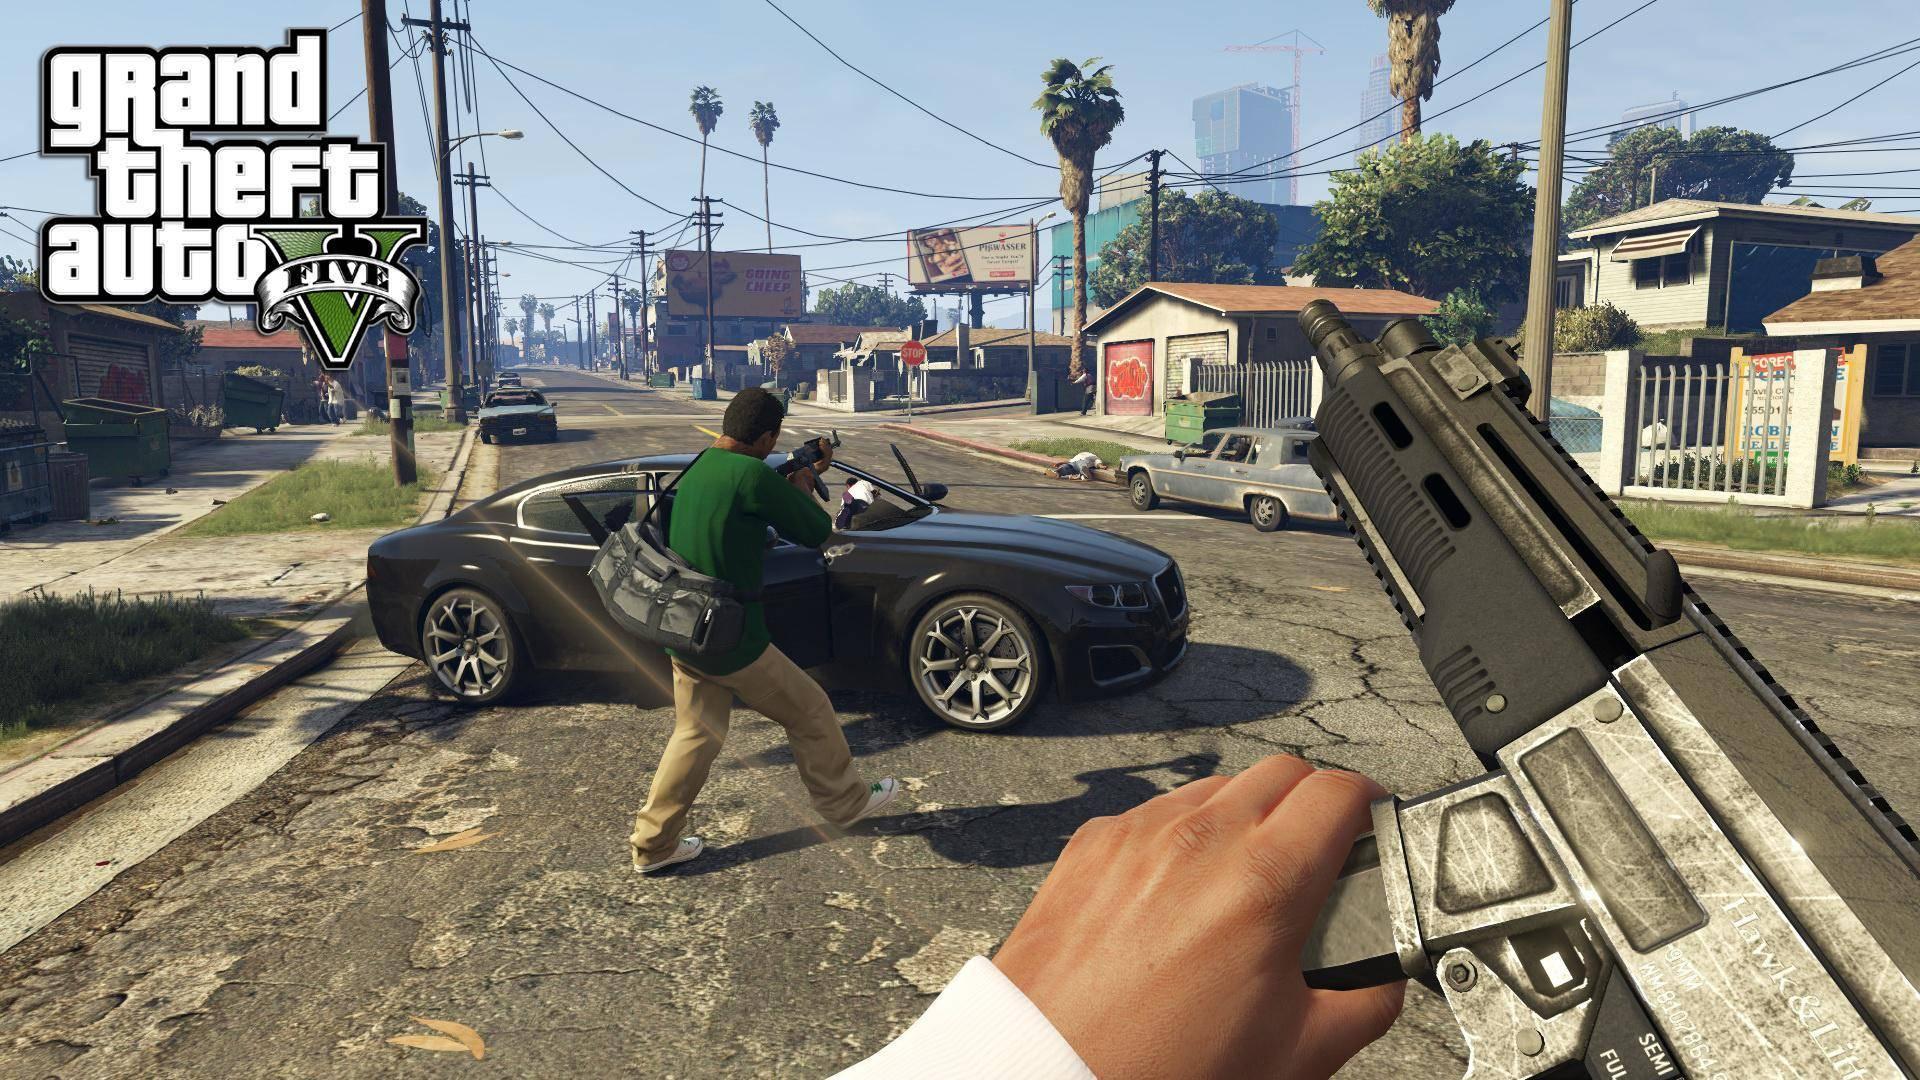 Grand Theft Auto 5 chega a 115 milhões de vendas - Viciados